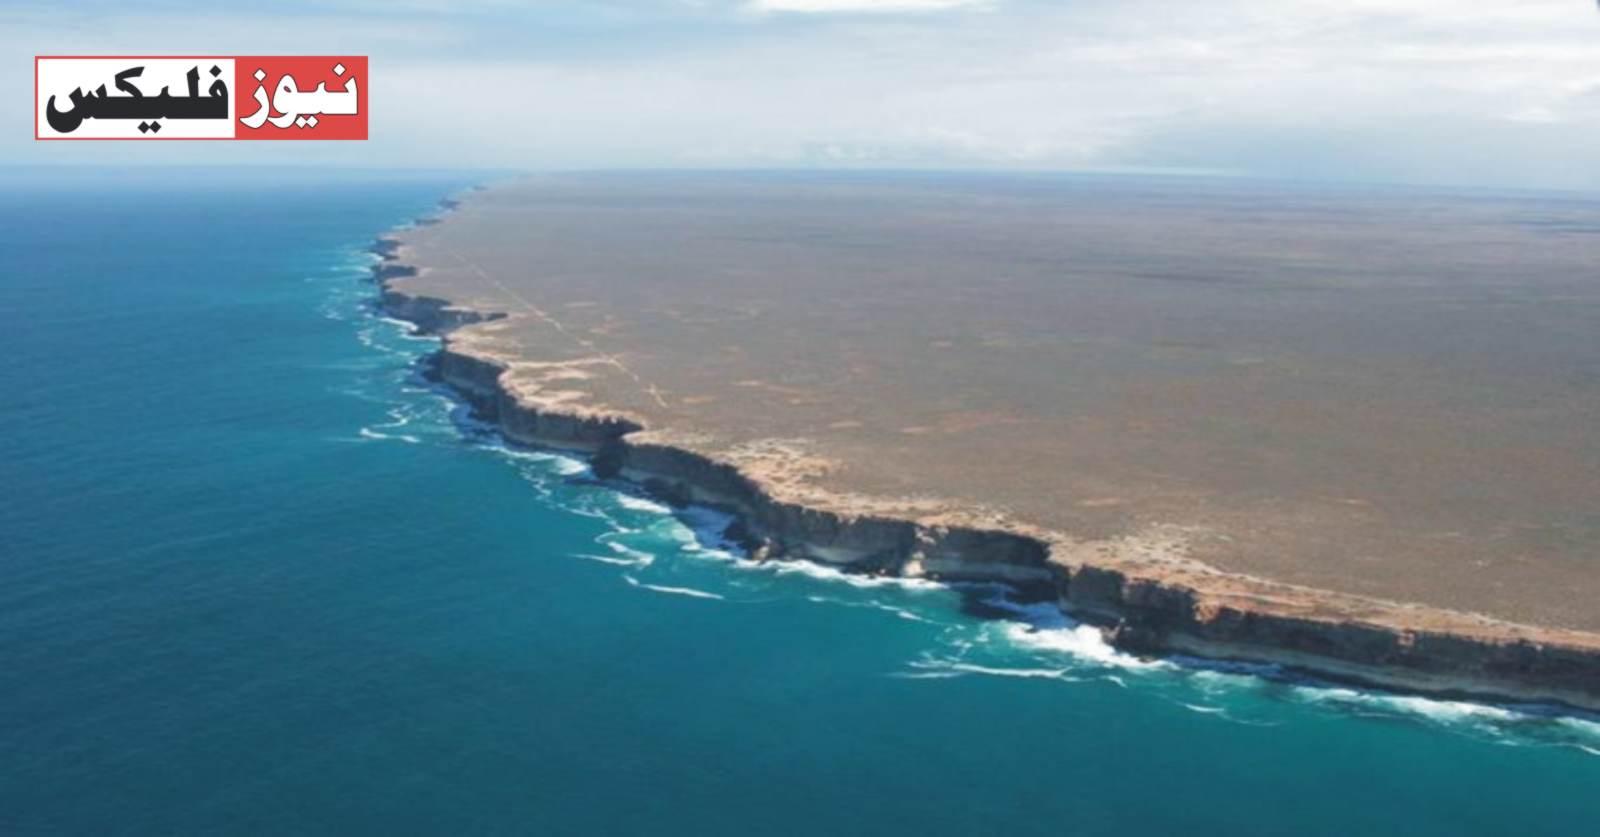 آسٹریلیا میں زمین کے اختتام کی آخری حد والی تصویر سوشل میڈیا پر وائرل ہو رہی ہے